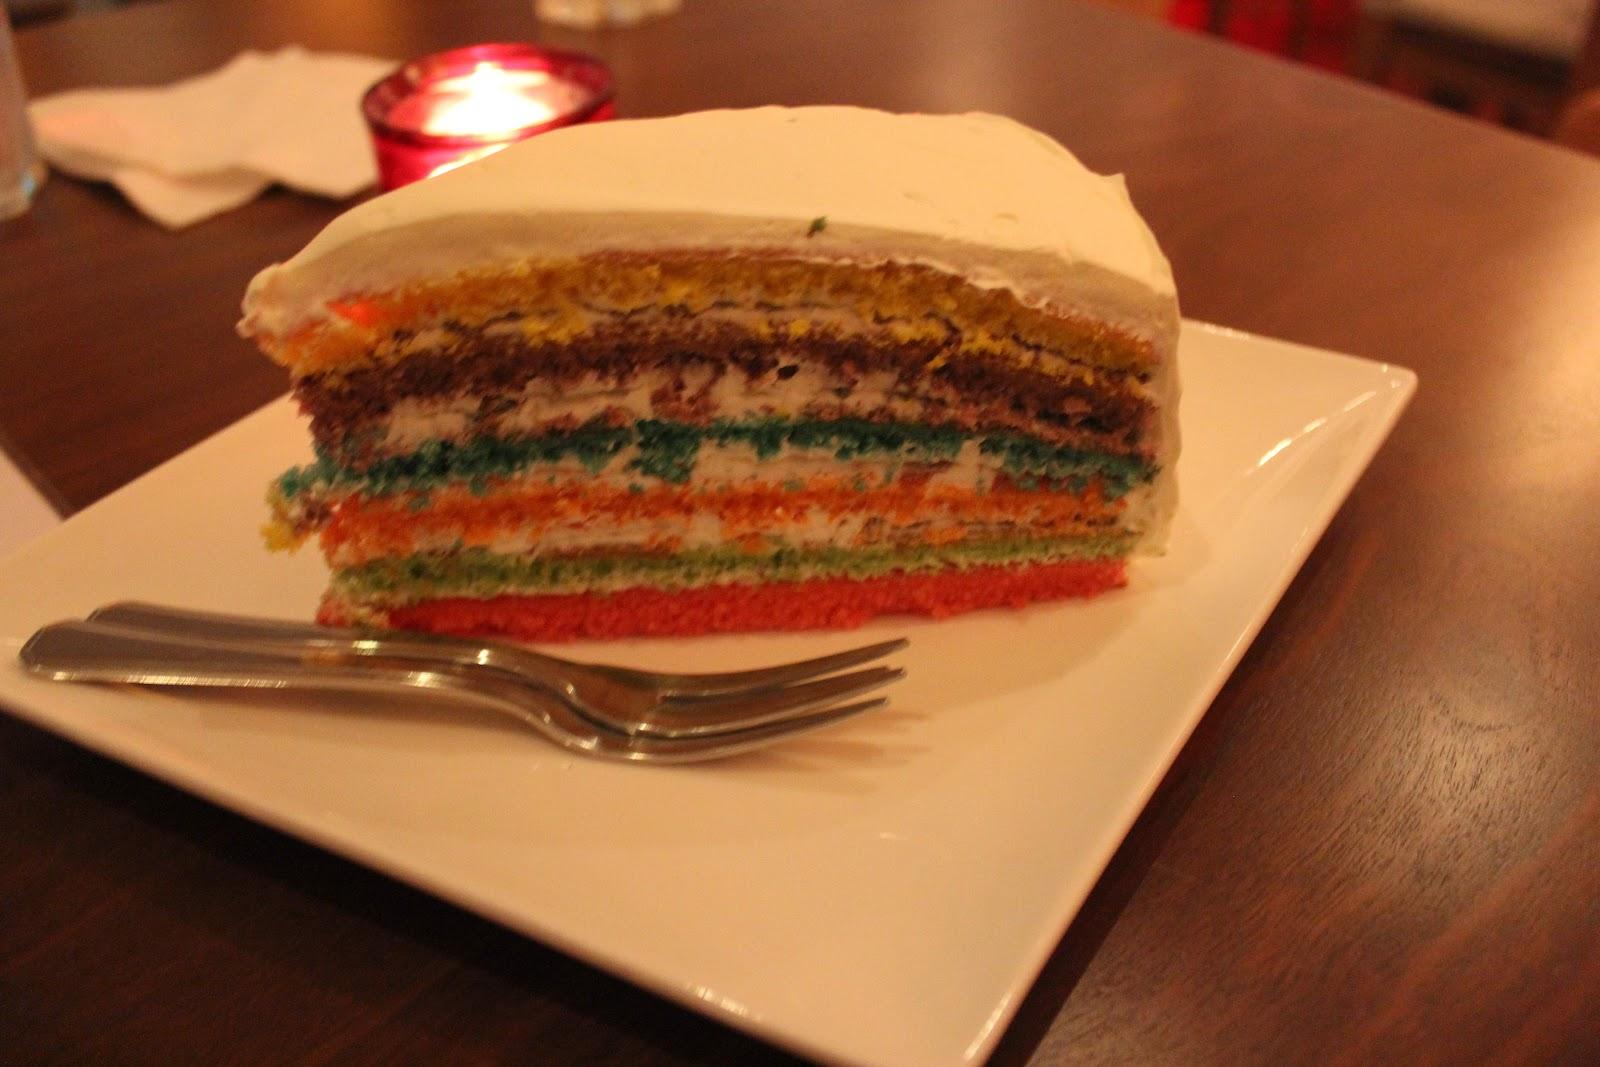 لواط با دوستم من خيلی خوشحالم: کیک رنگینکمانی